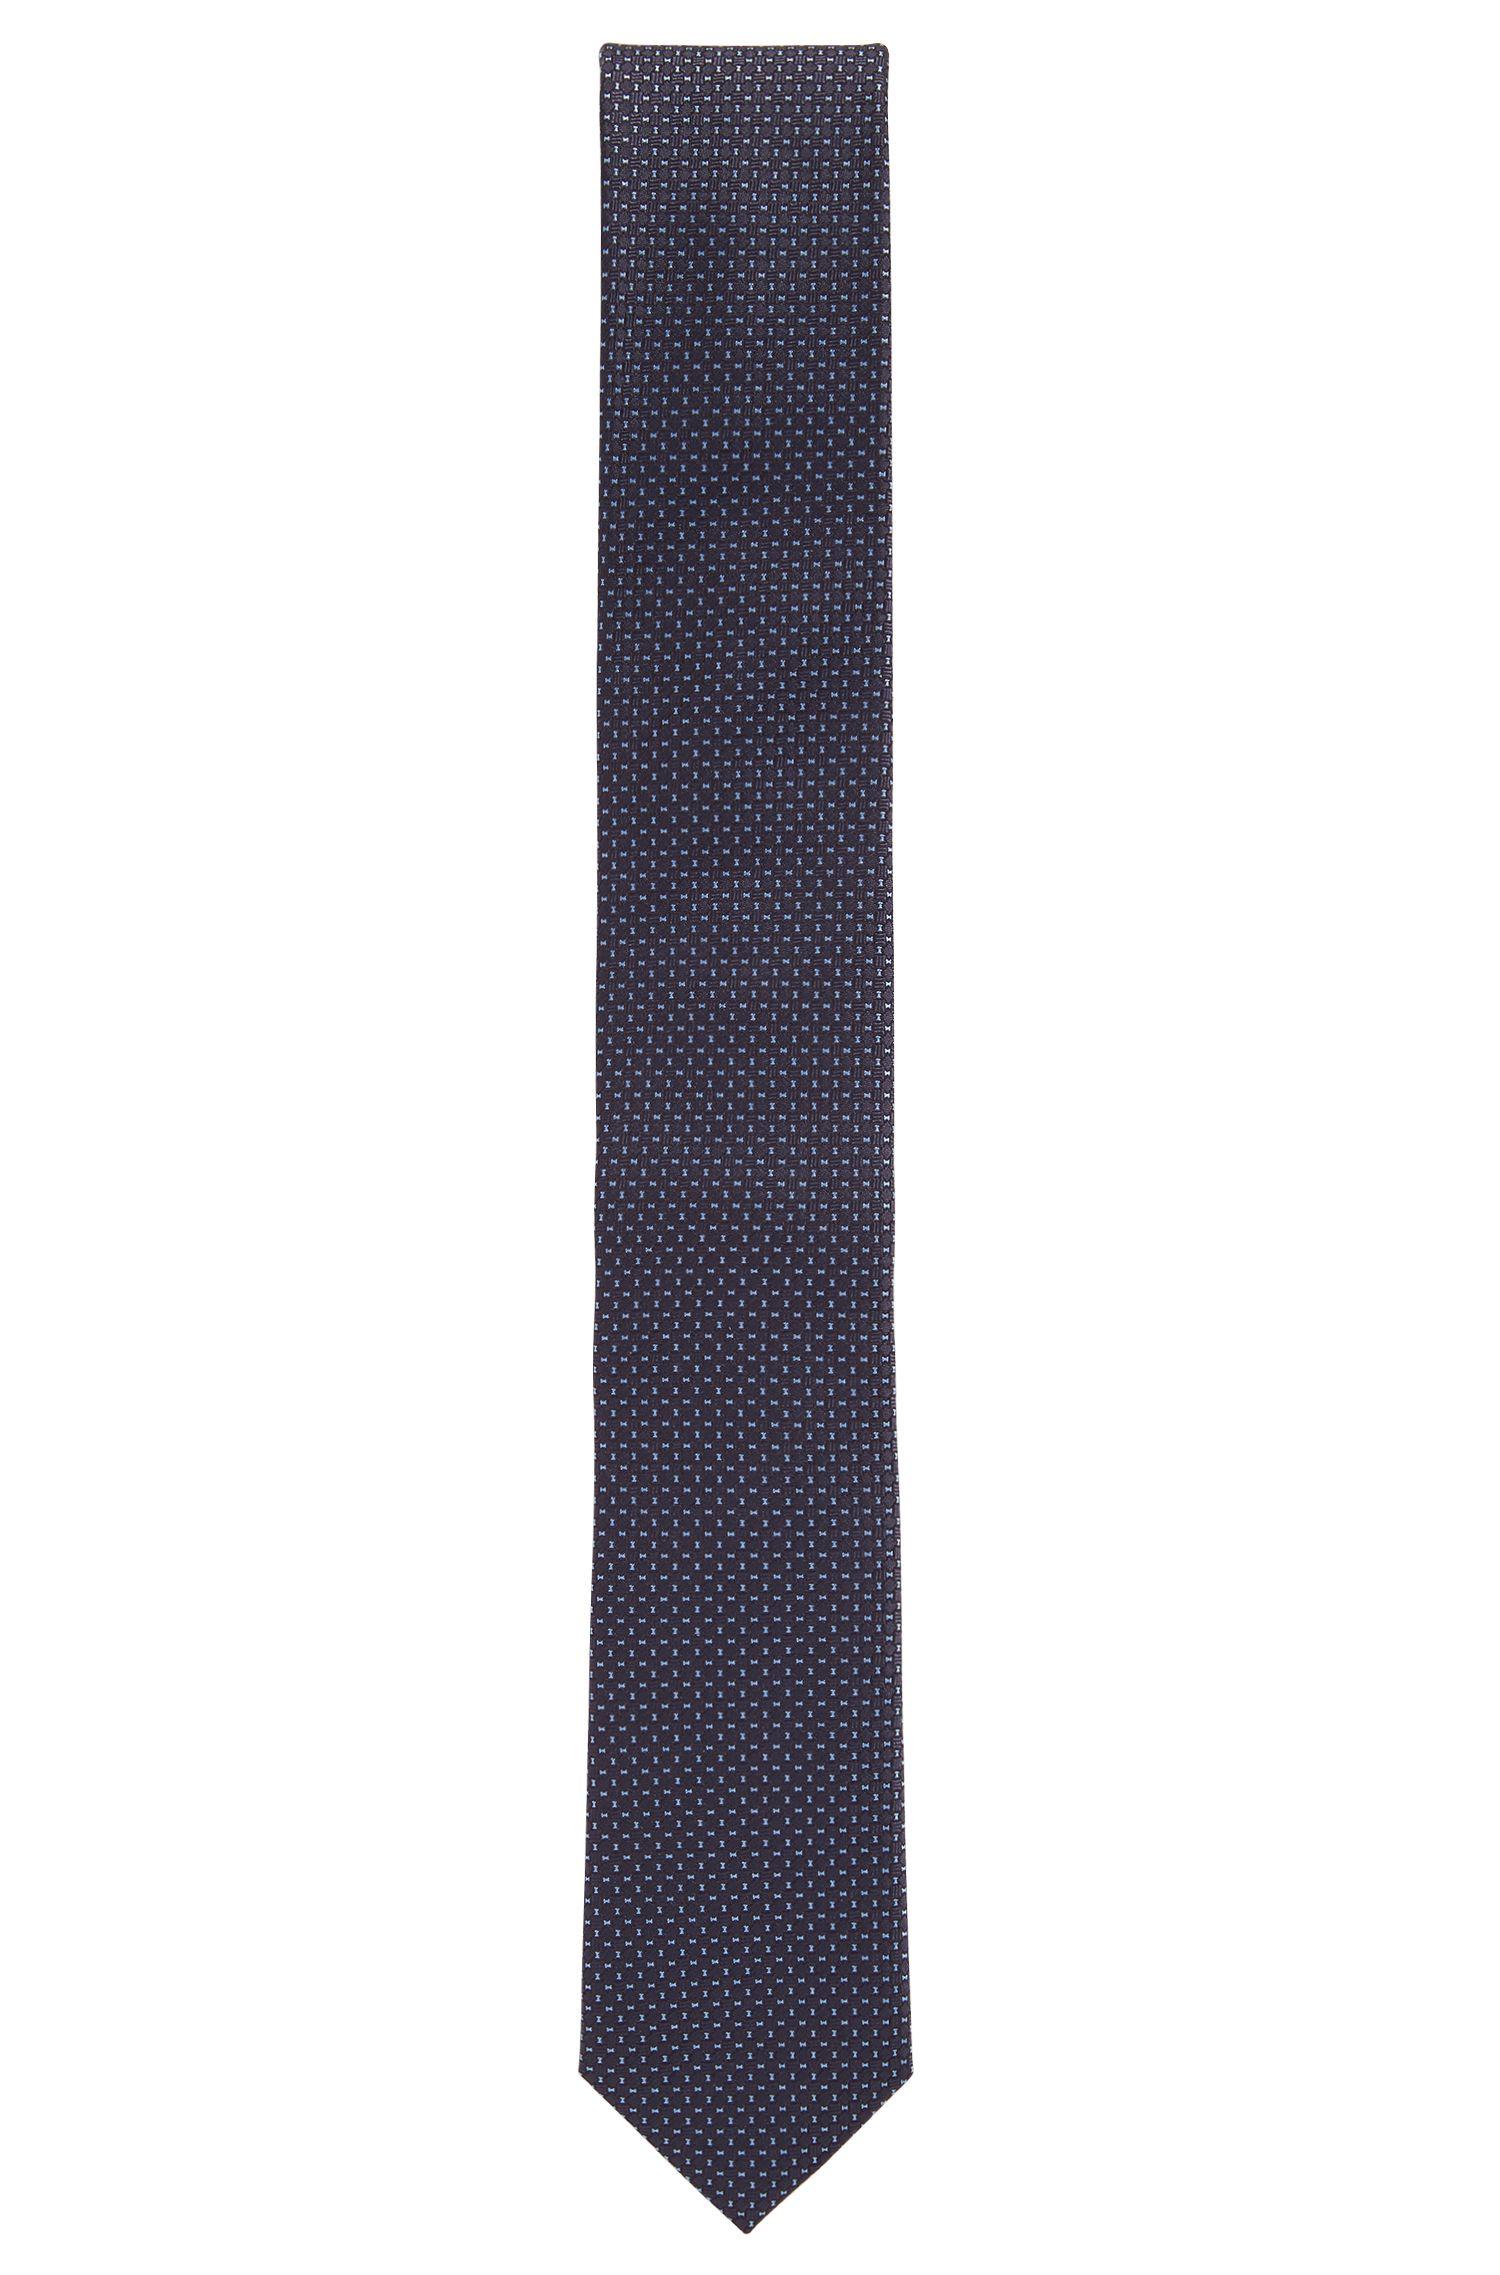 Corbata de seda con microestampado fabricada en Italia, Azul oscuro